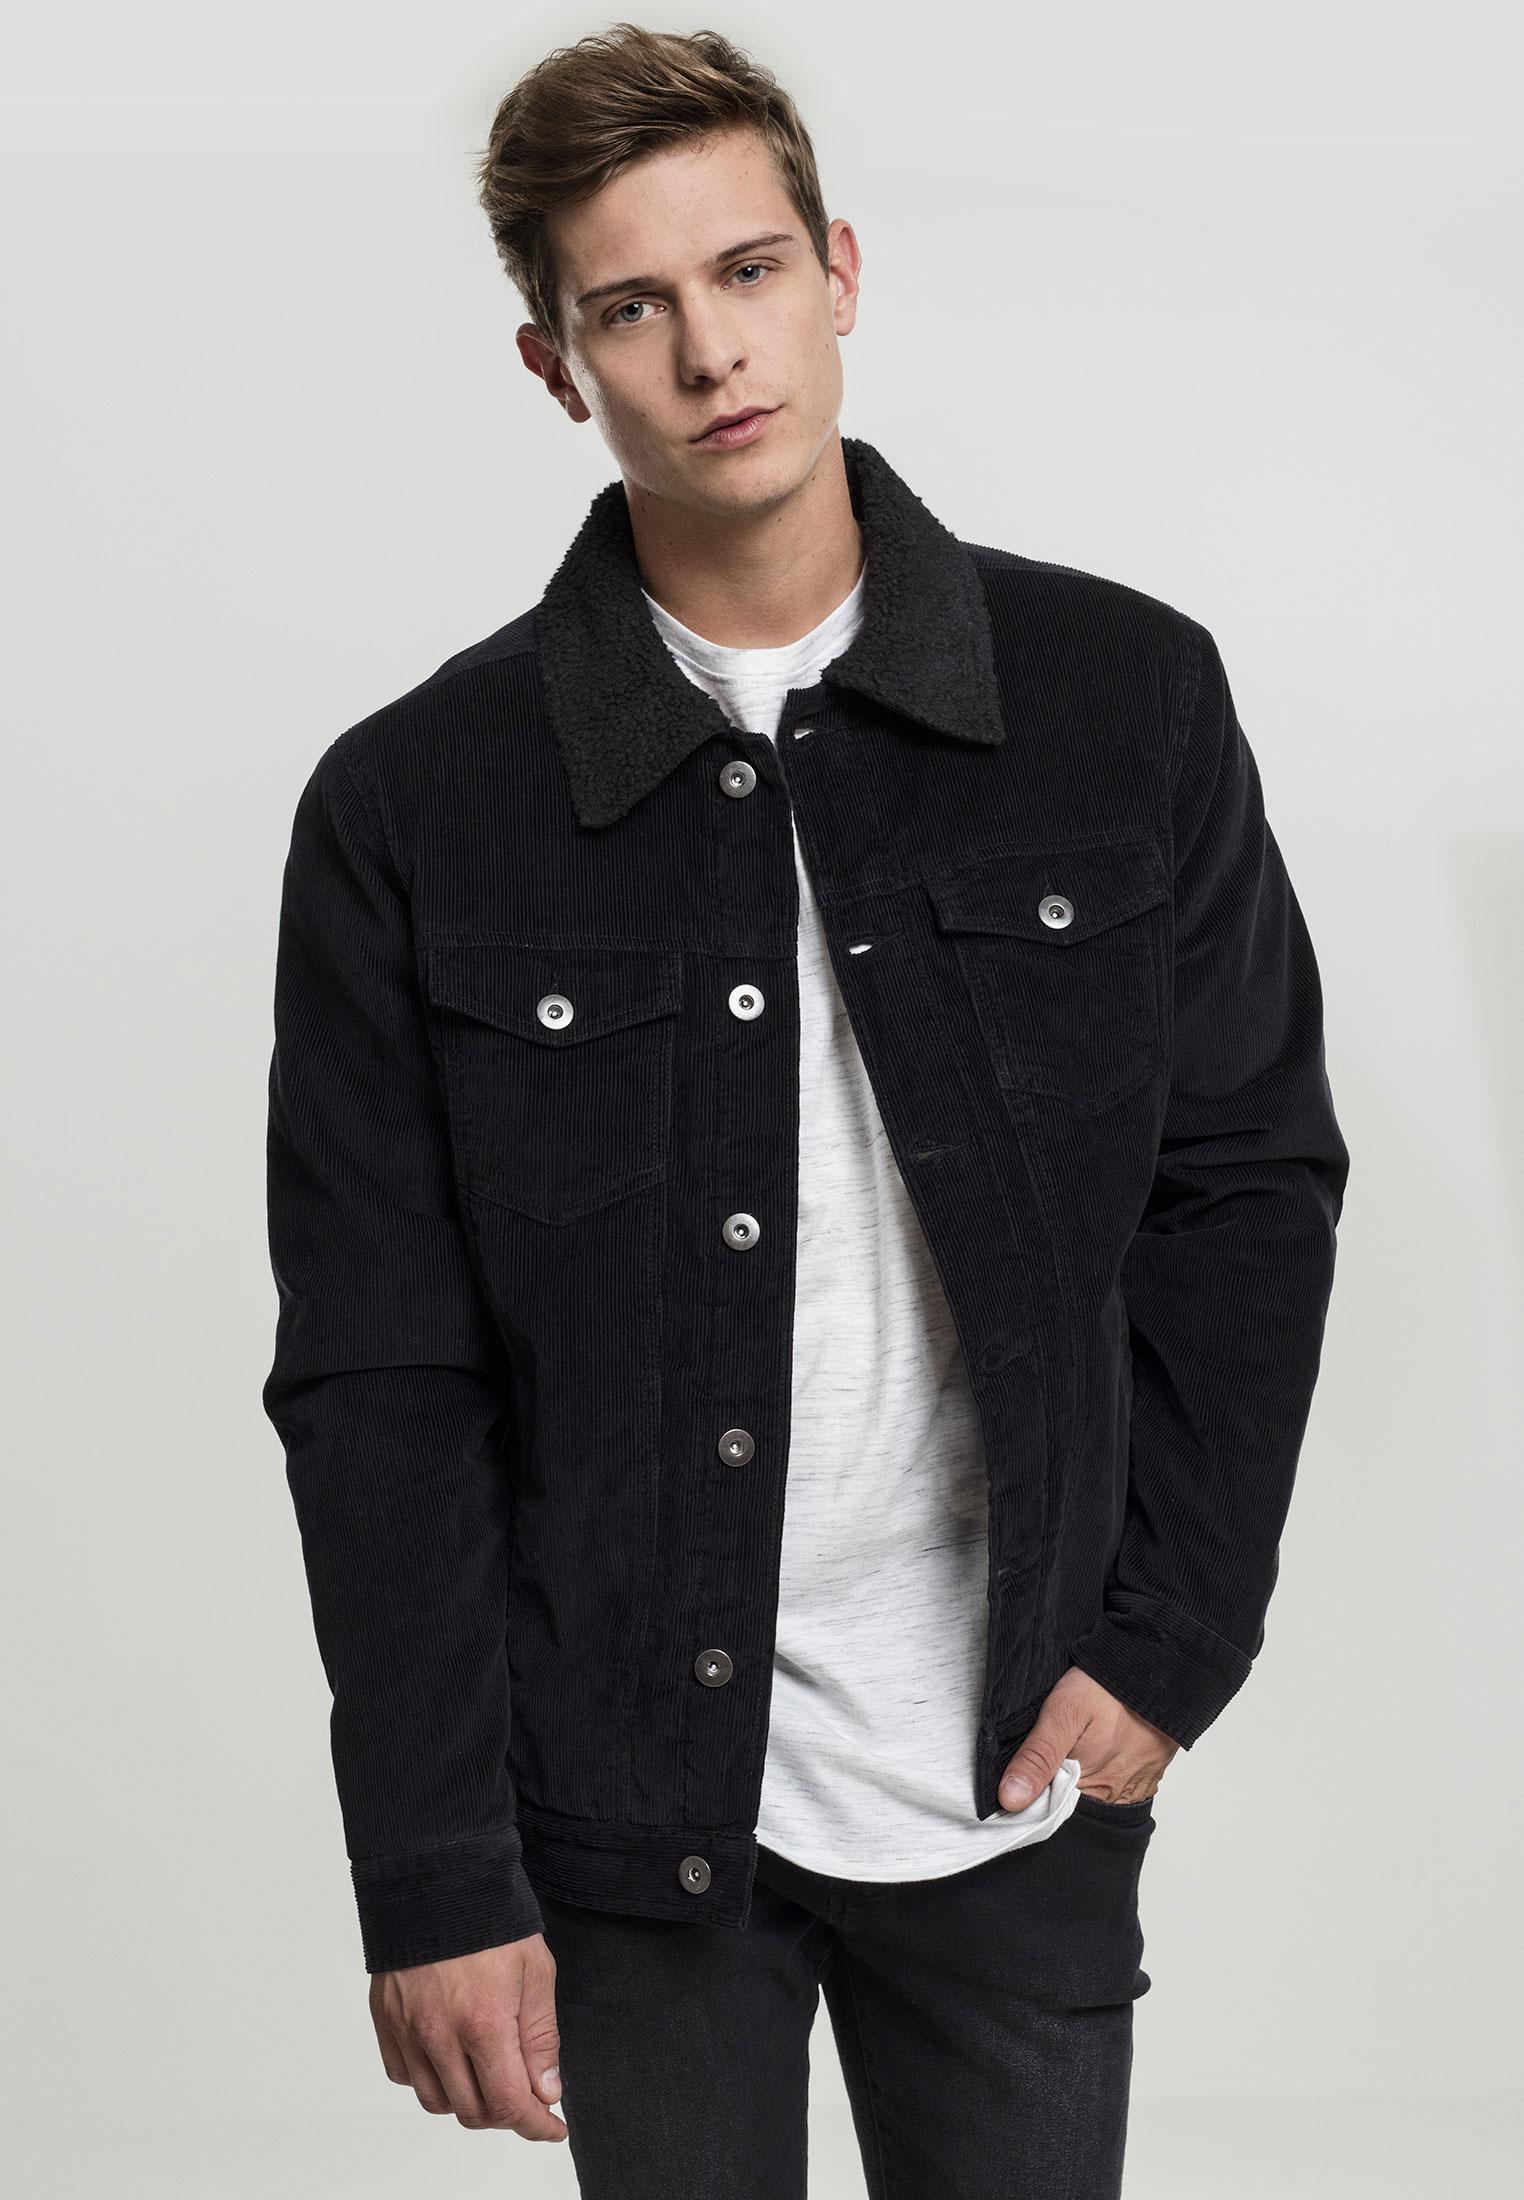 Details about Urban Classics Mens Corduroy Jeans Jacket Jeans Jacket Collar Lined Coat S XXL show original title